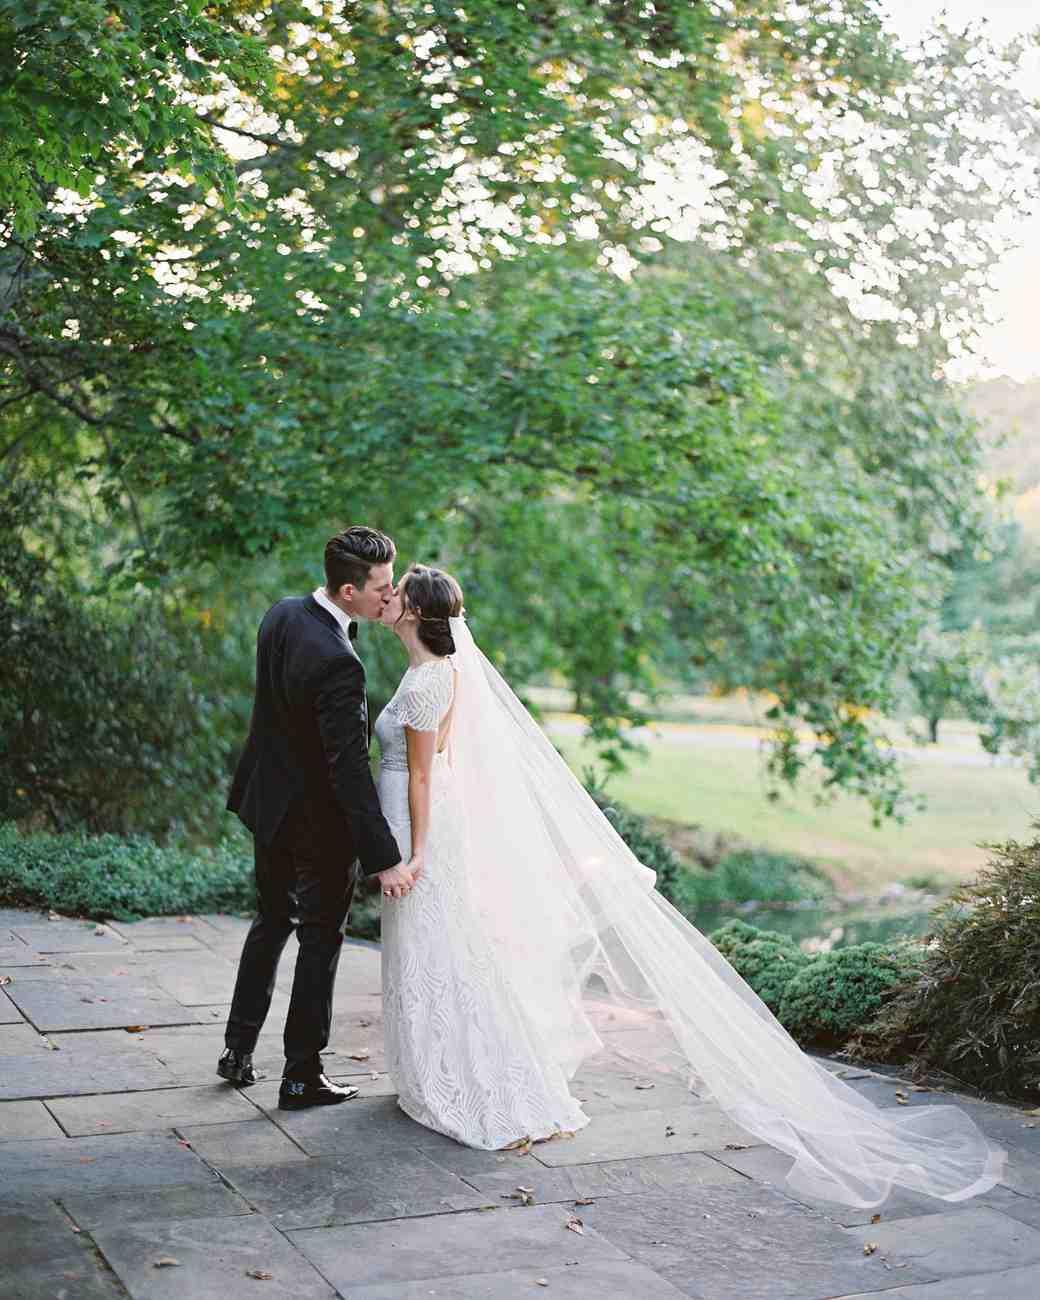 amy-garrison-wedding-couple-00275-6134266-0816.jpg